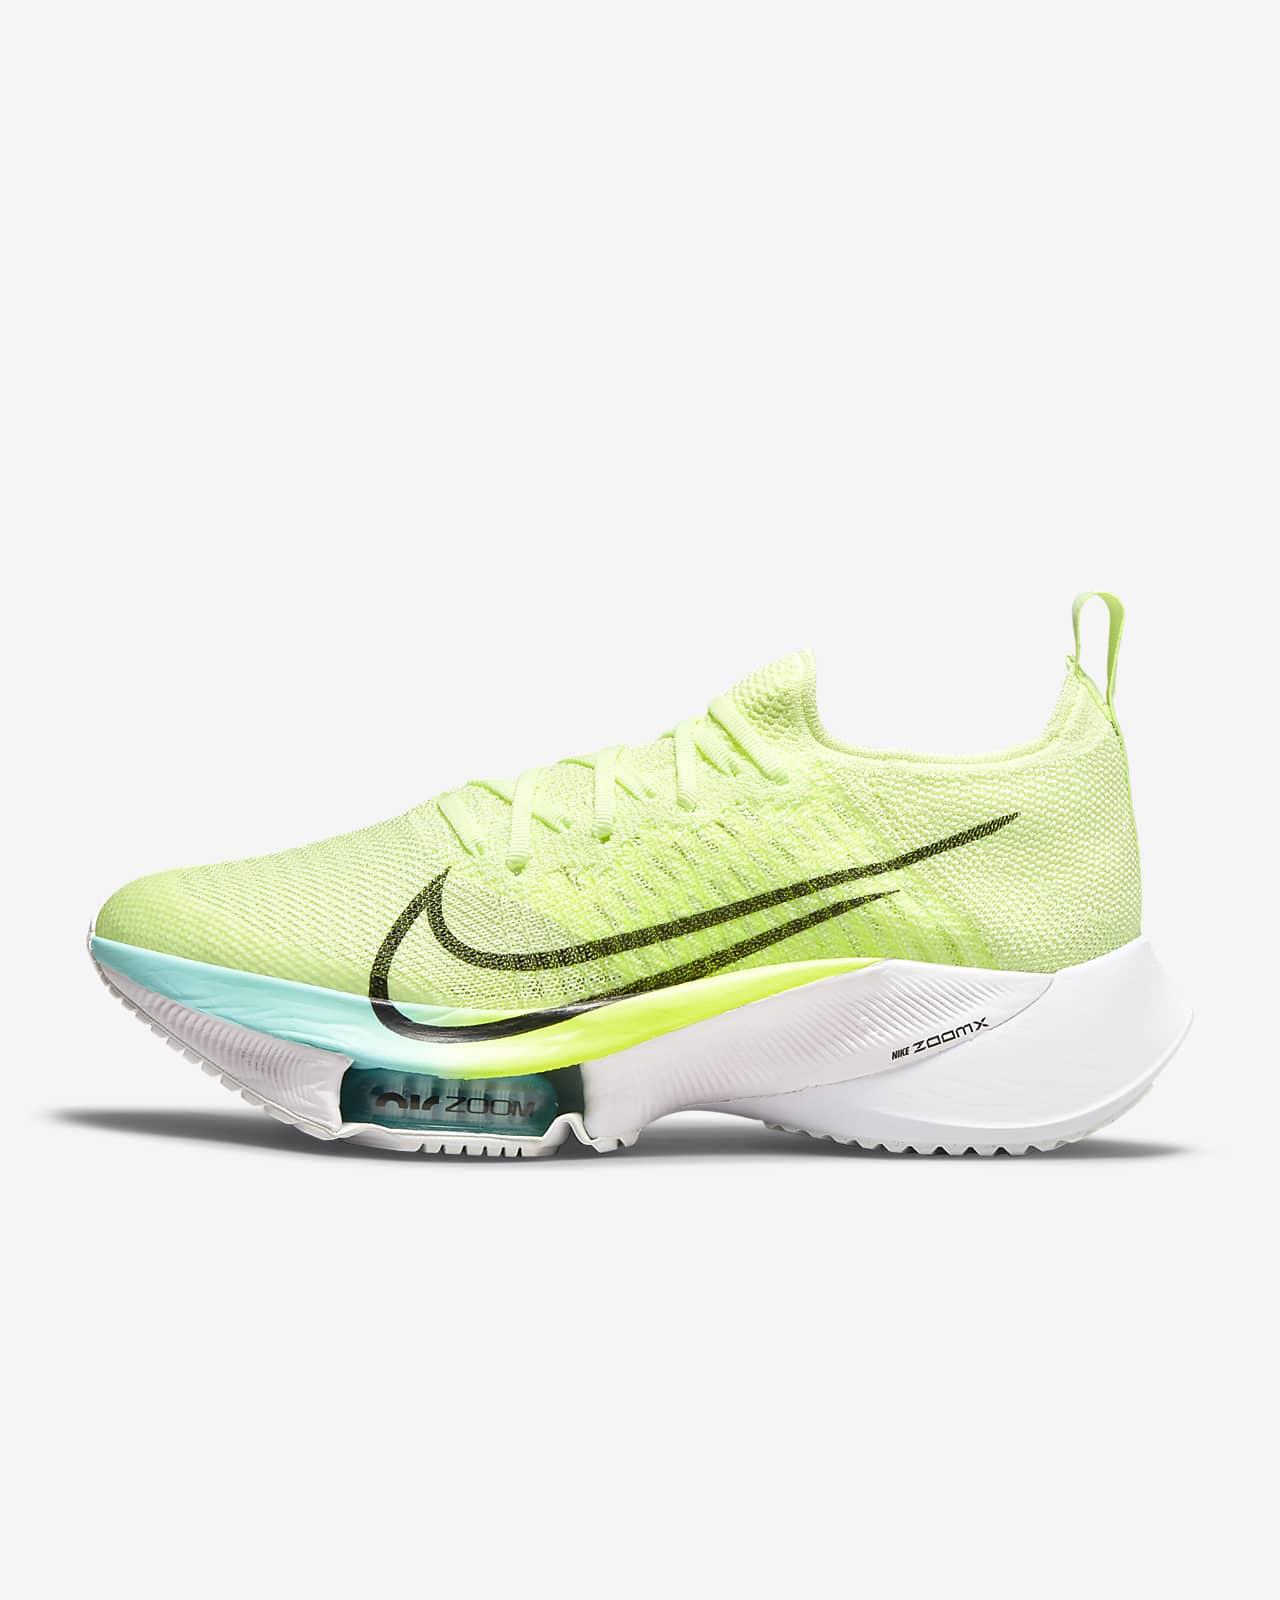 Löparsko för hårt underlag Nike Air Zoom Tempo NEXT% för kvinnor